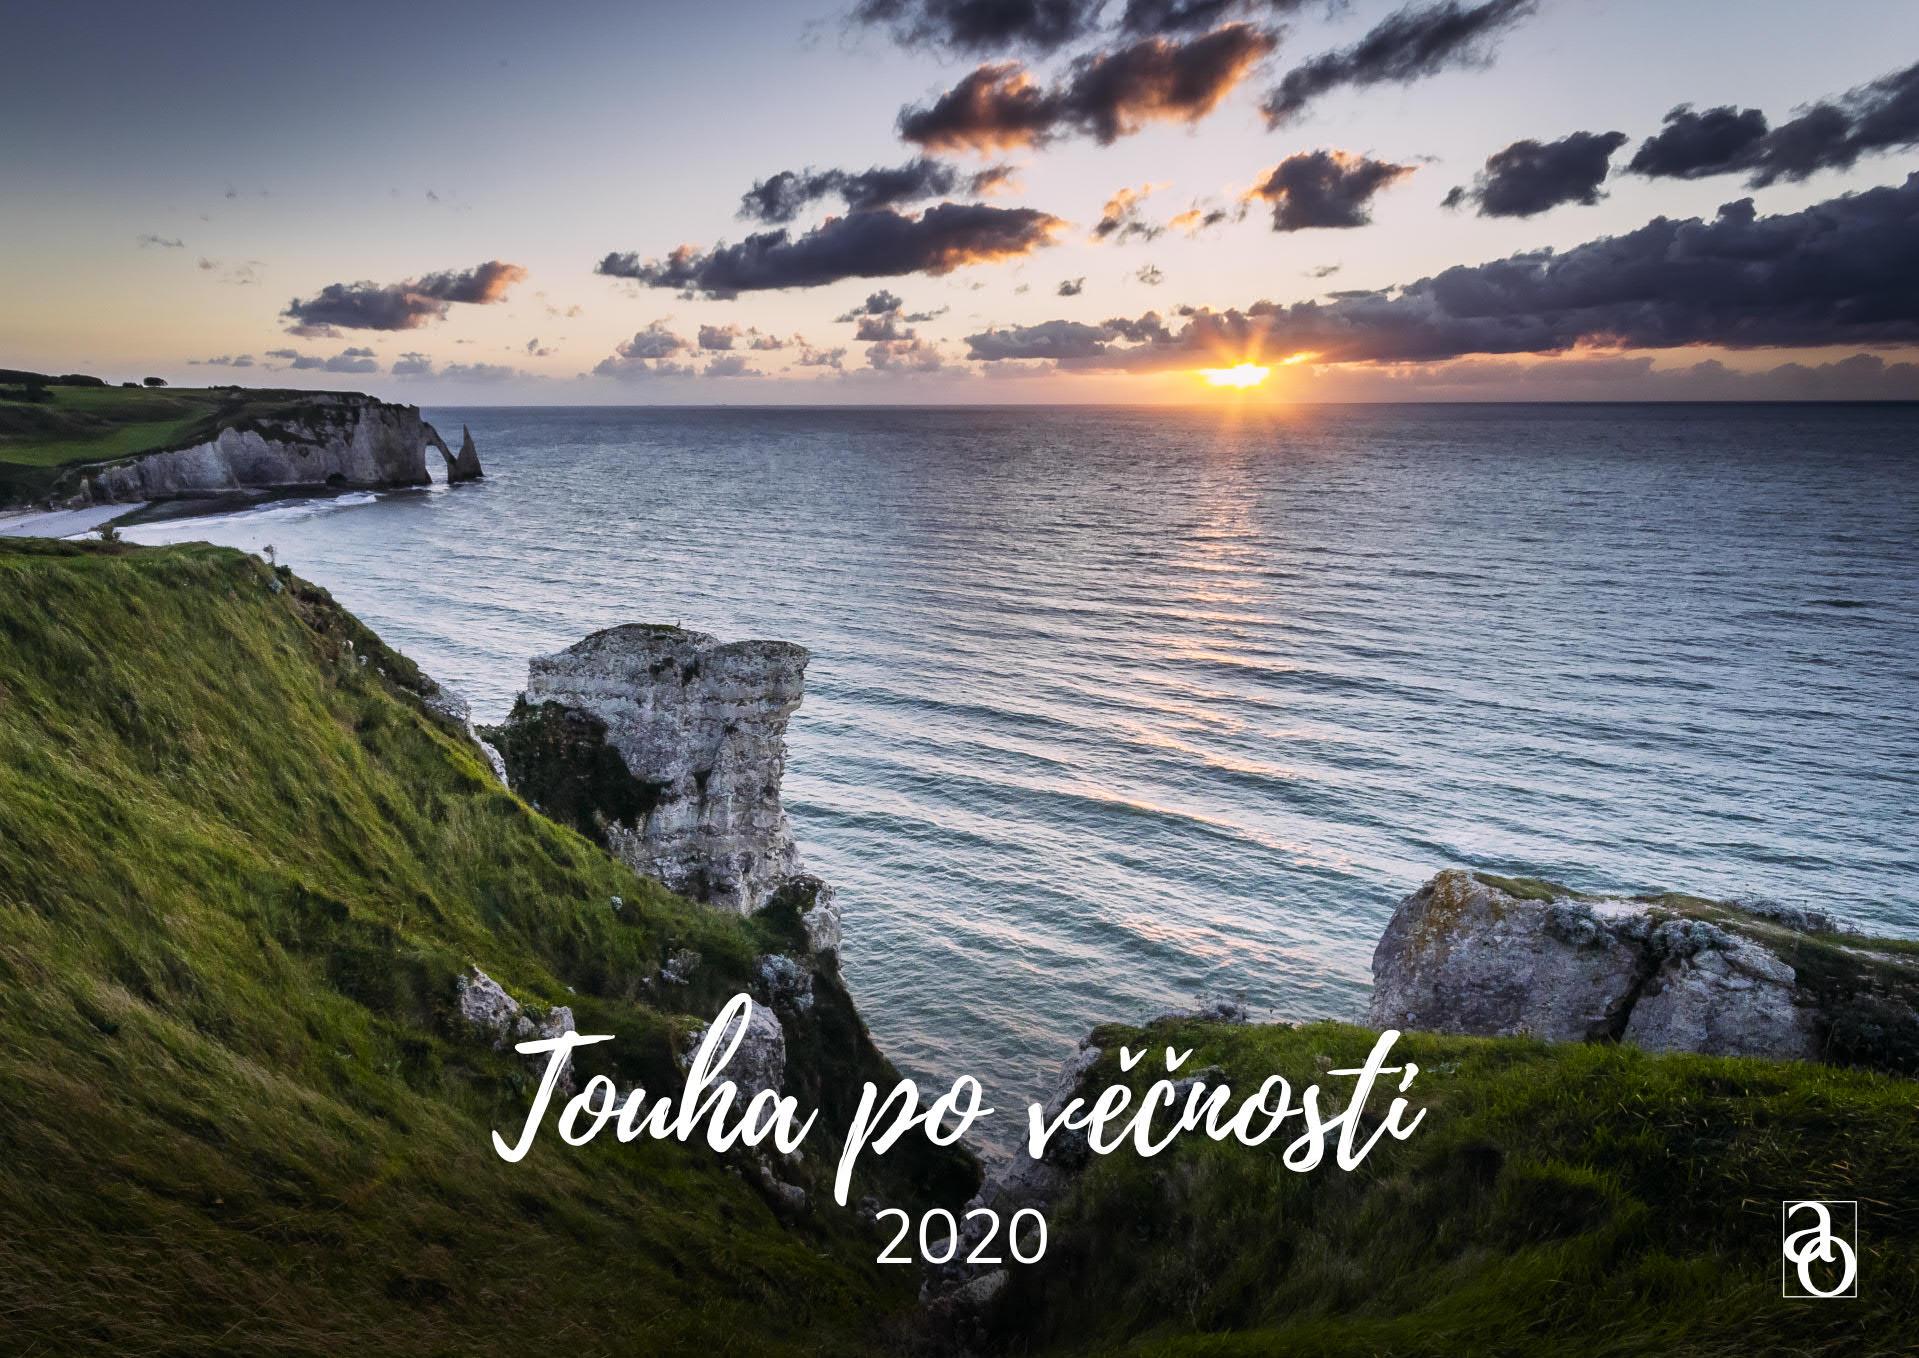 Kalendář 2020 – Touha po věčnosti